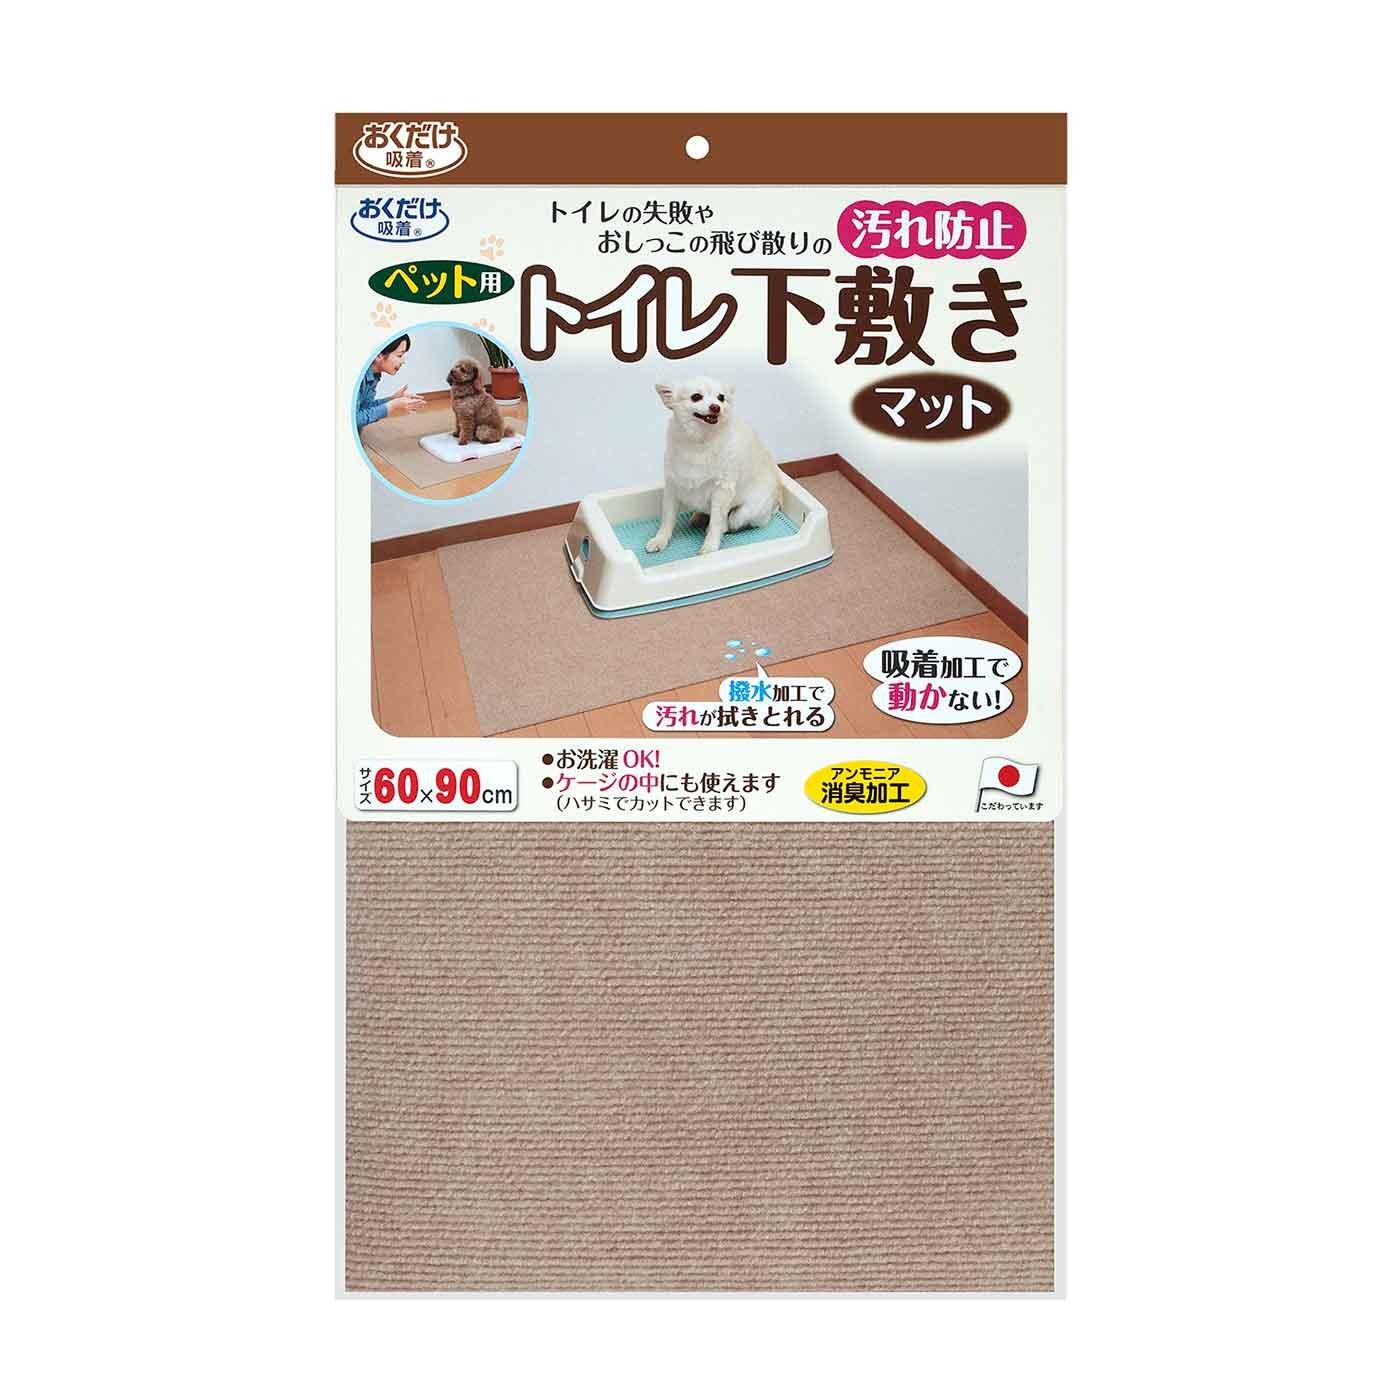 汚れ防止に ペット用トイレ下敷きマット